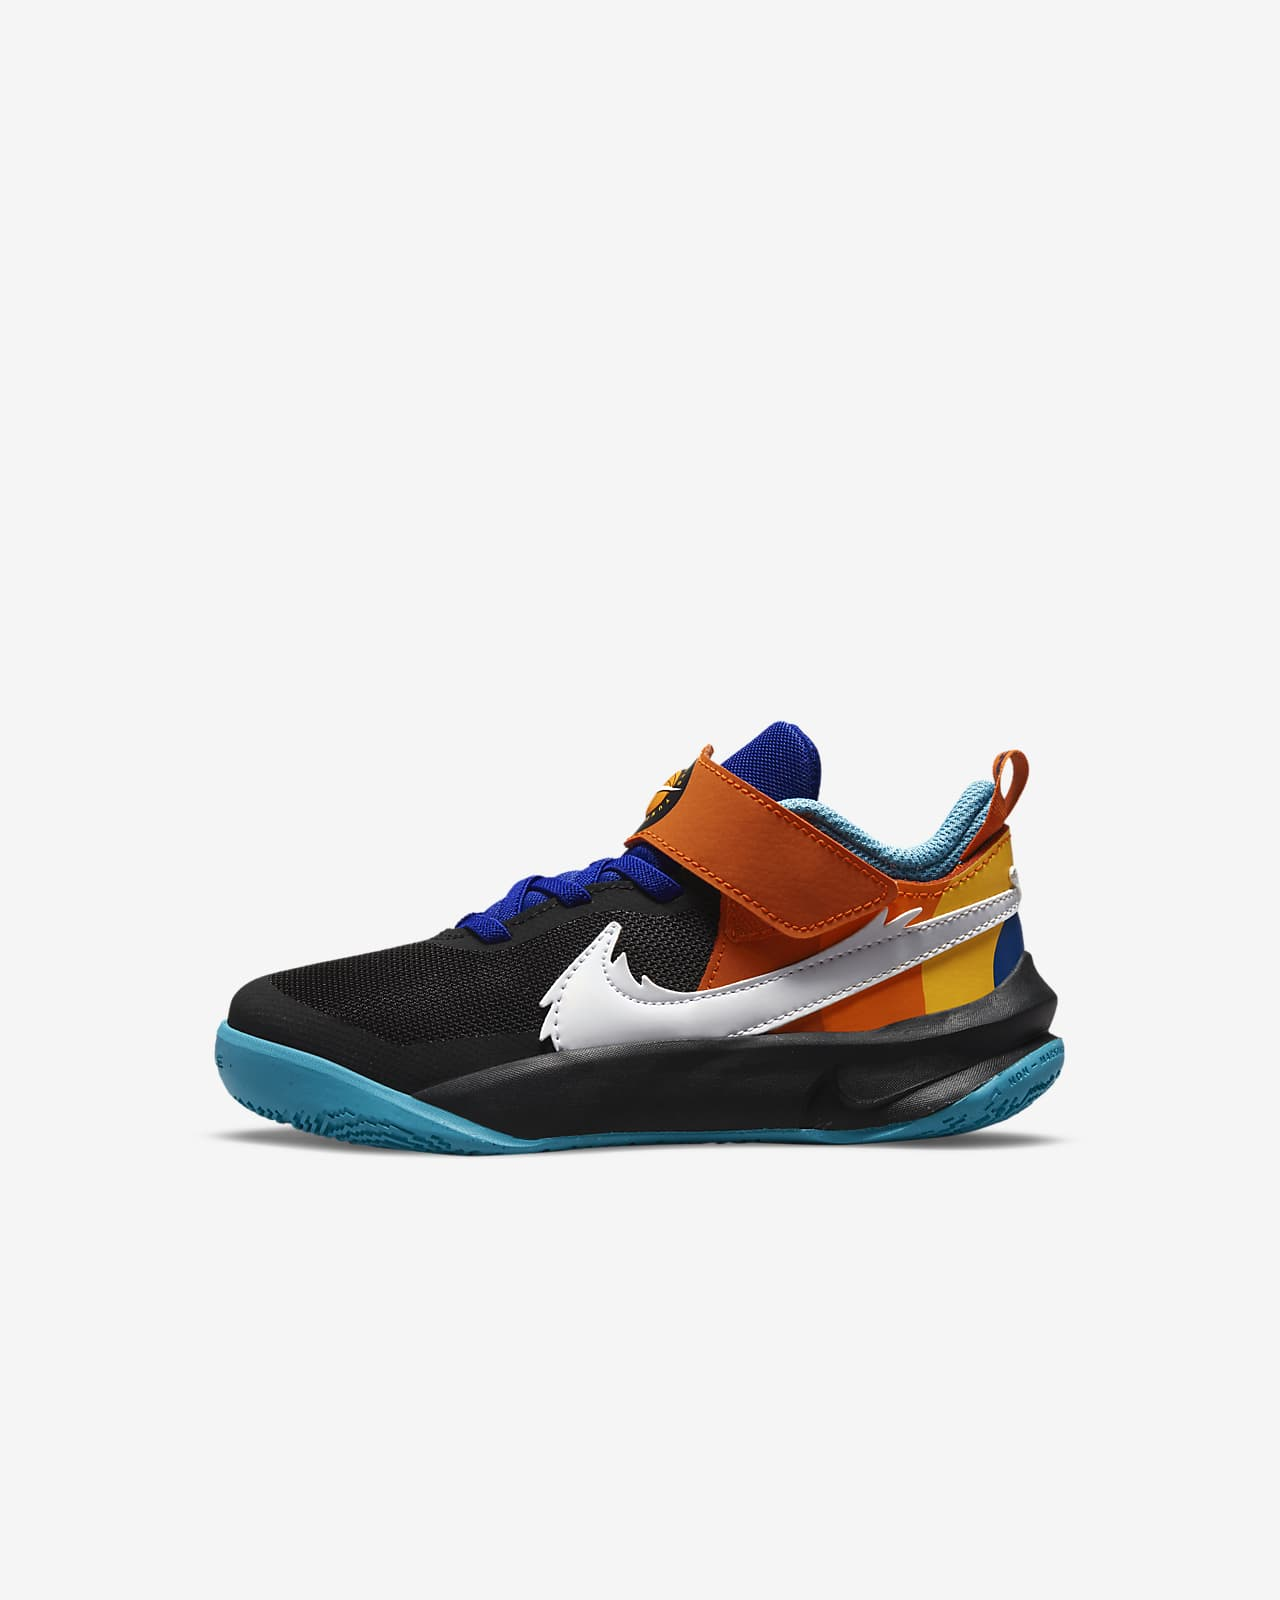 Nike Team Hustle D 10 SE x Space Jam: A New Legacy sko til små barn